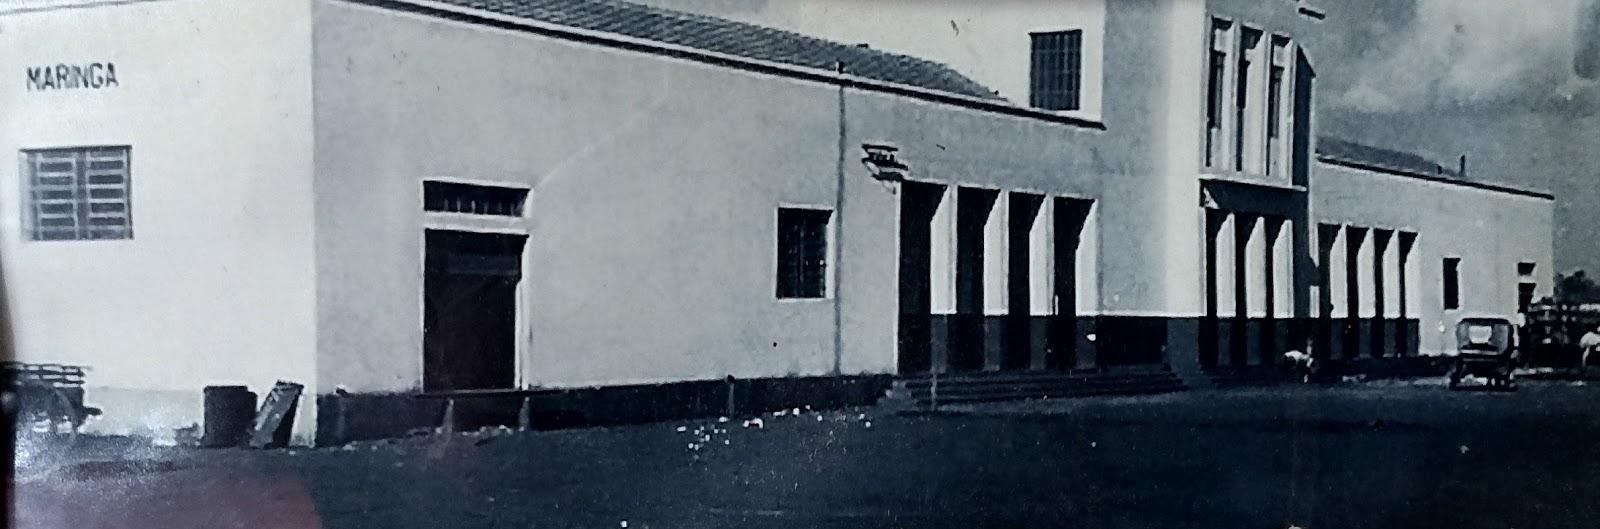 Estação Ferroviária de Maringá - Década de 1950